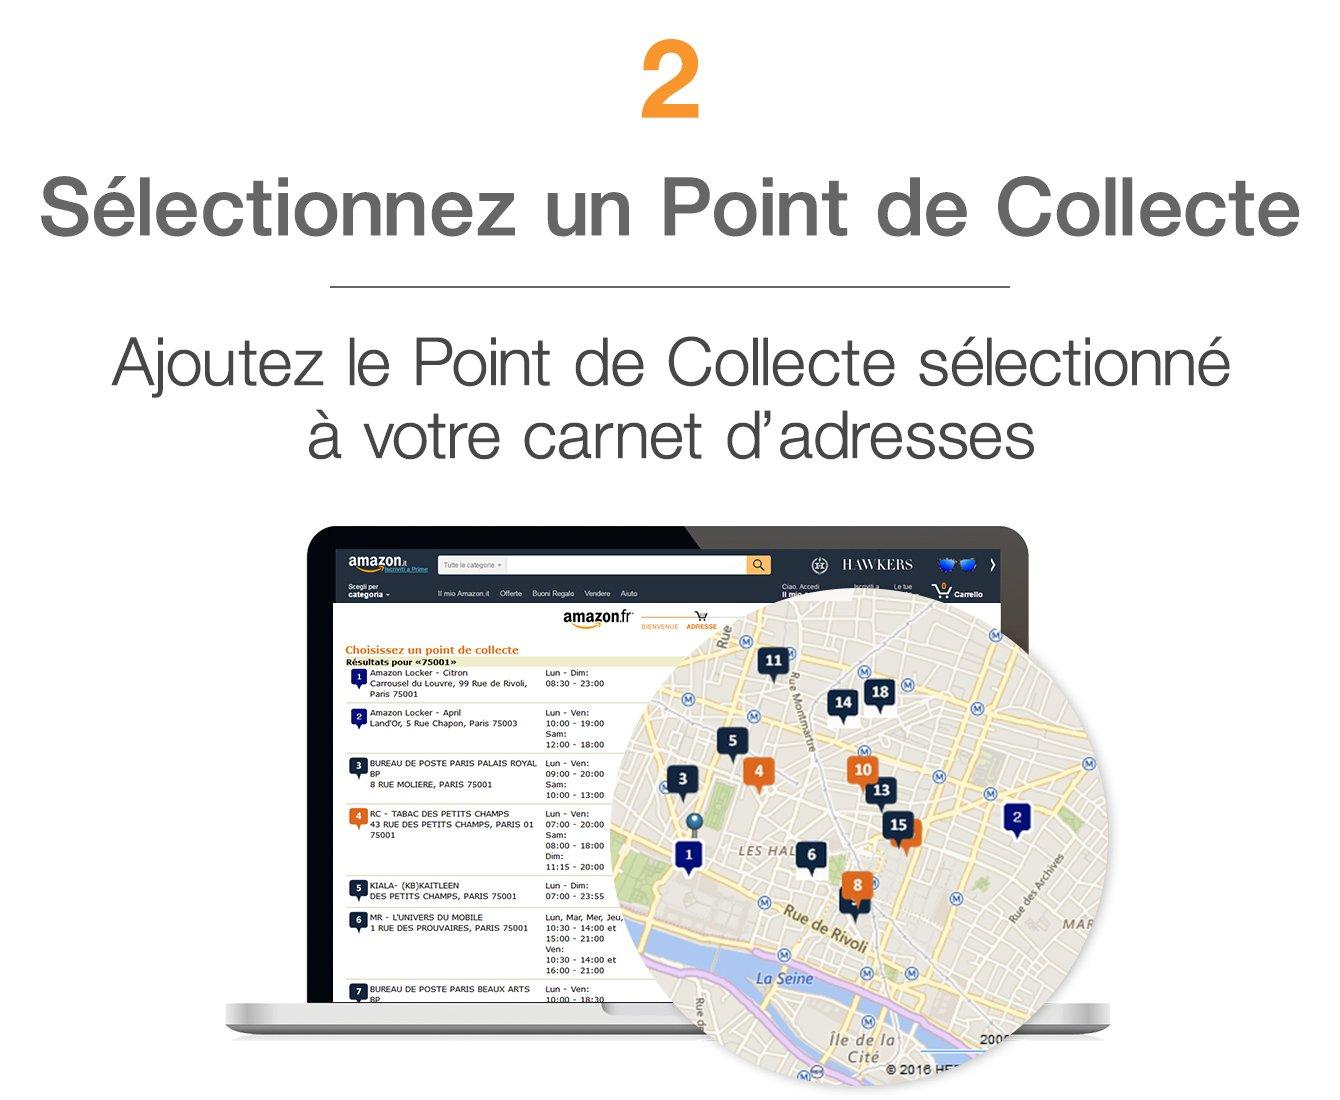 Sélectionnez un Point de Collecte . Ajoutez le Point de Collecte sélectionné à votre carnet d'adresses